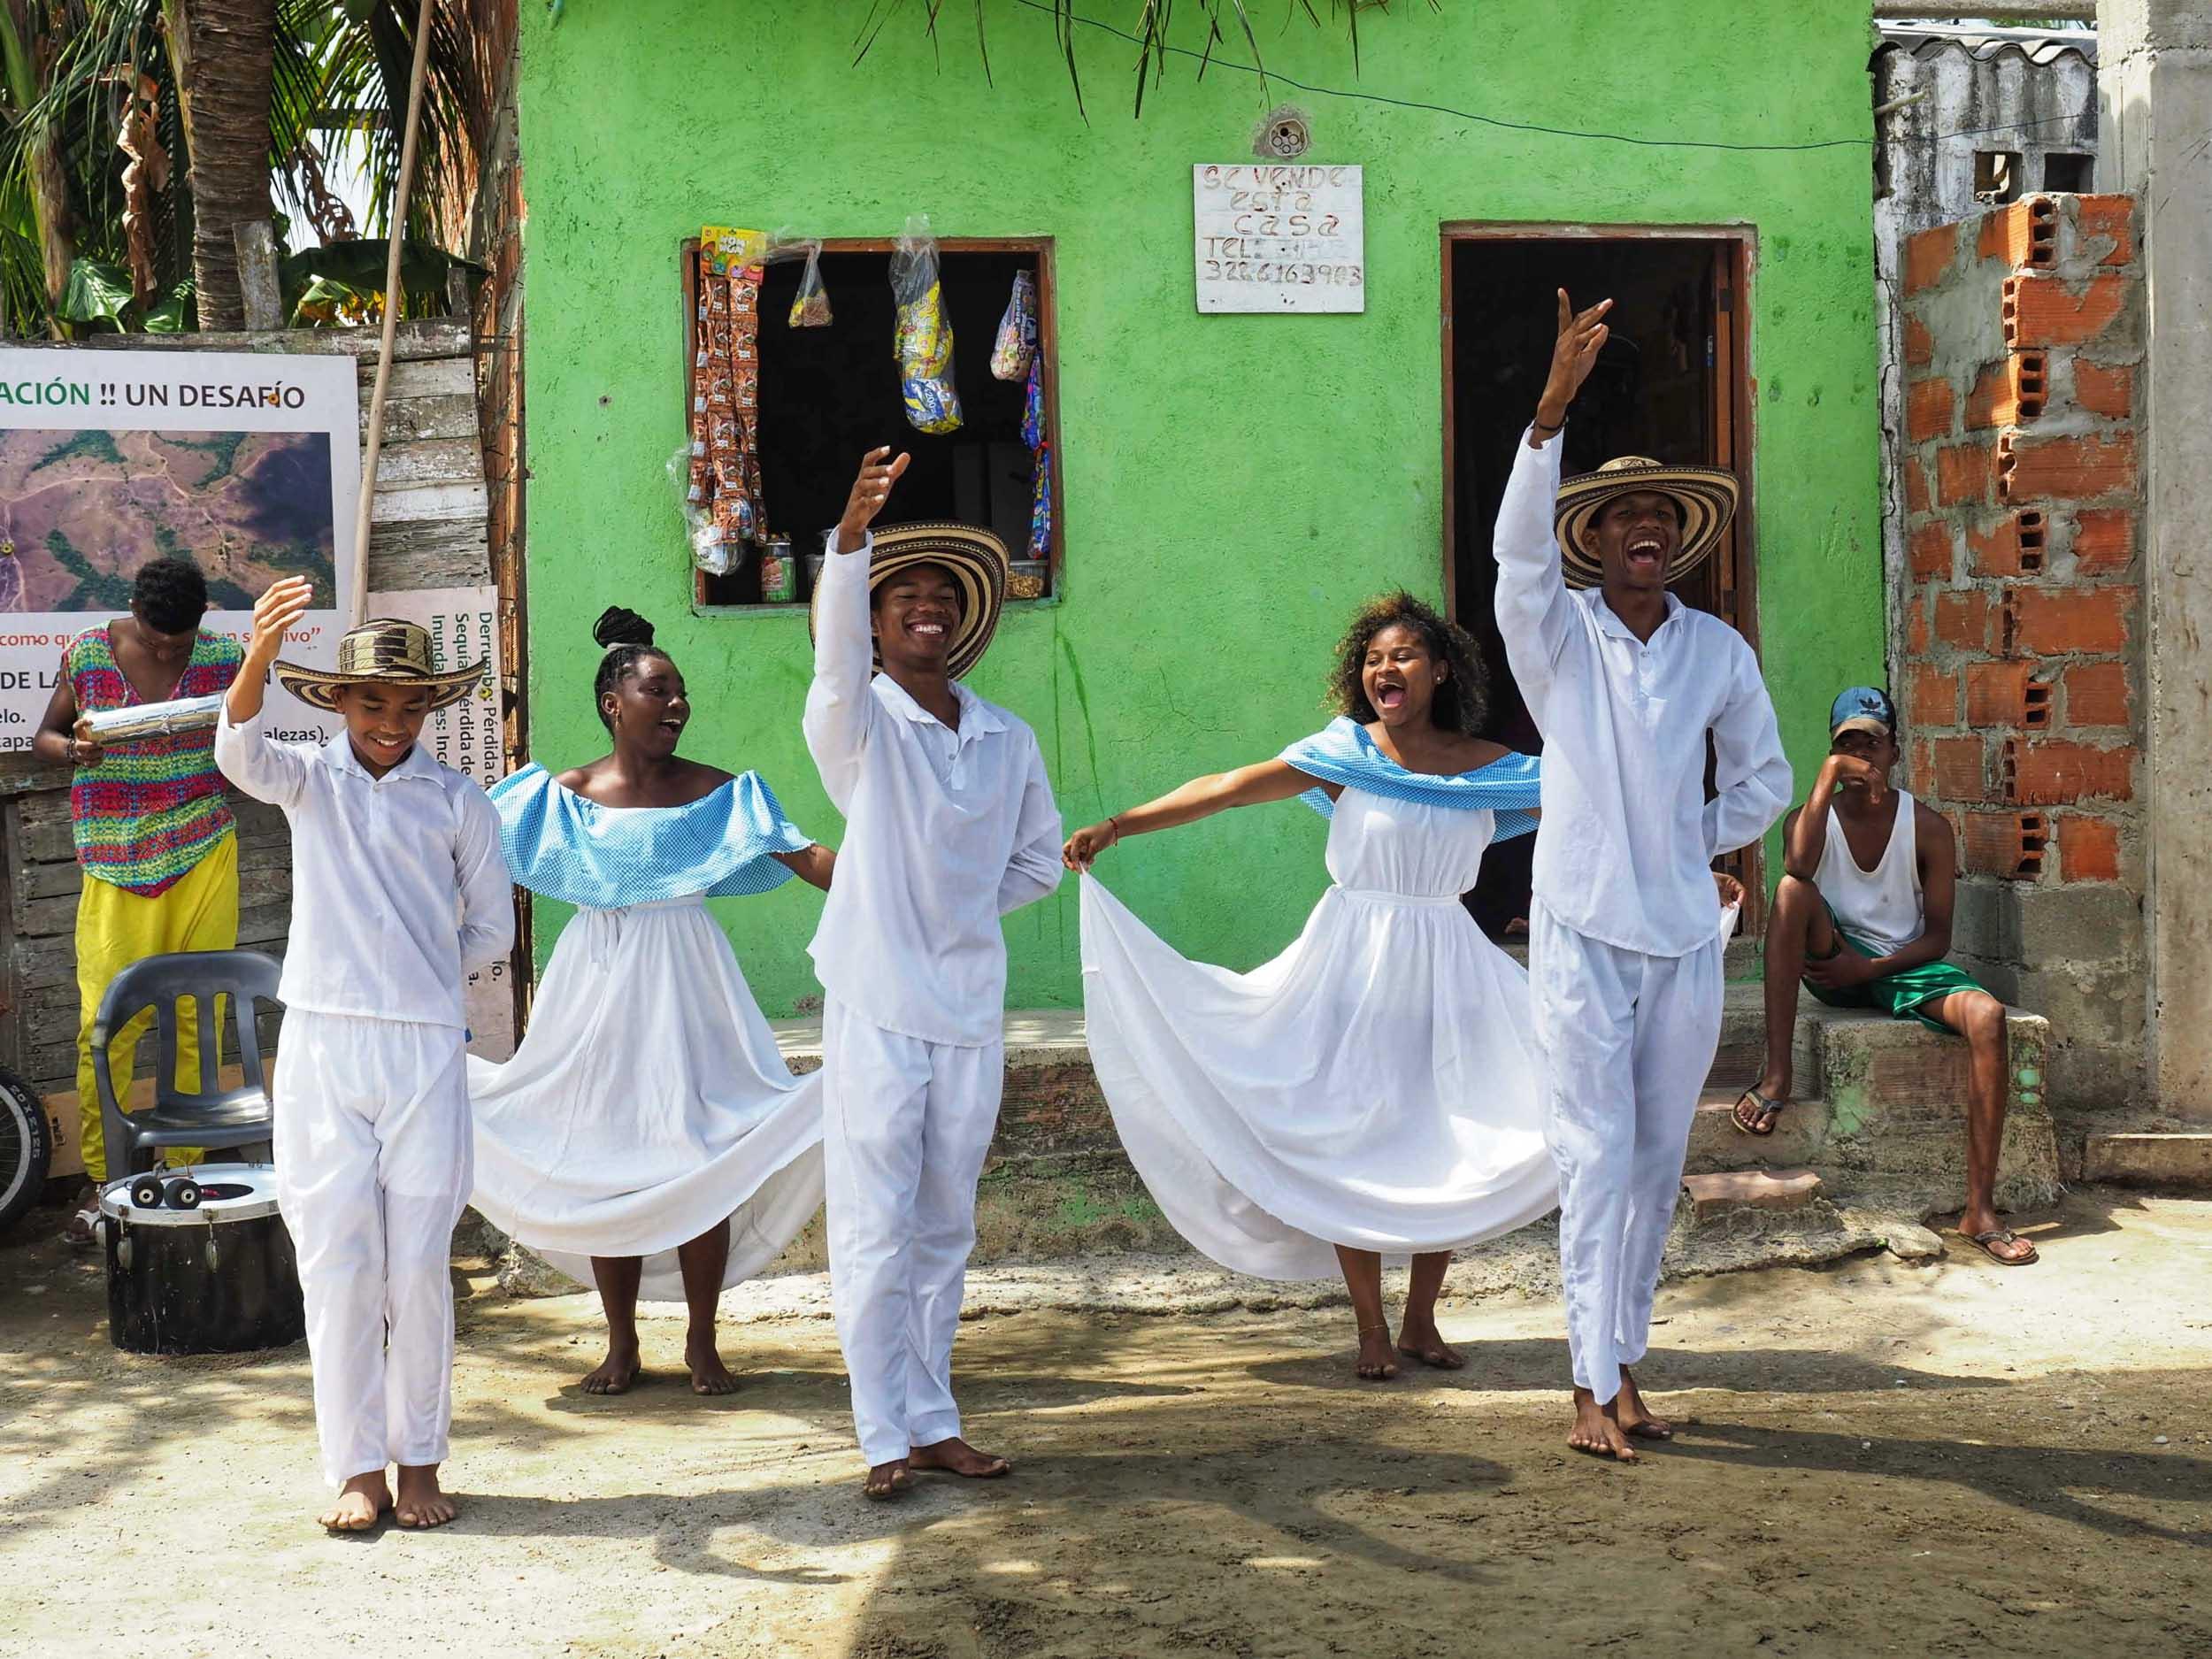 Dancers Panama.jpg